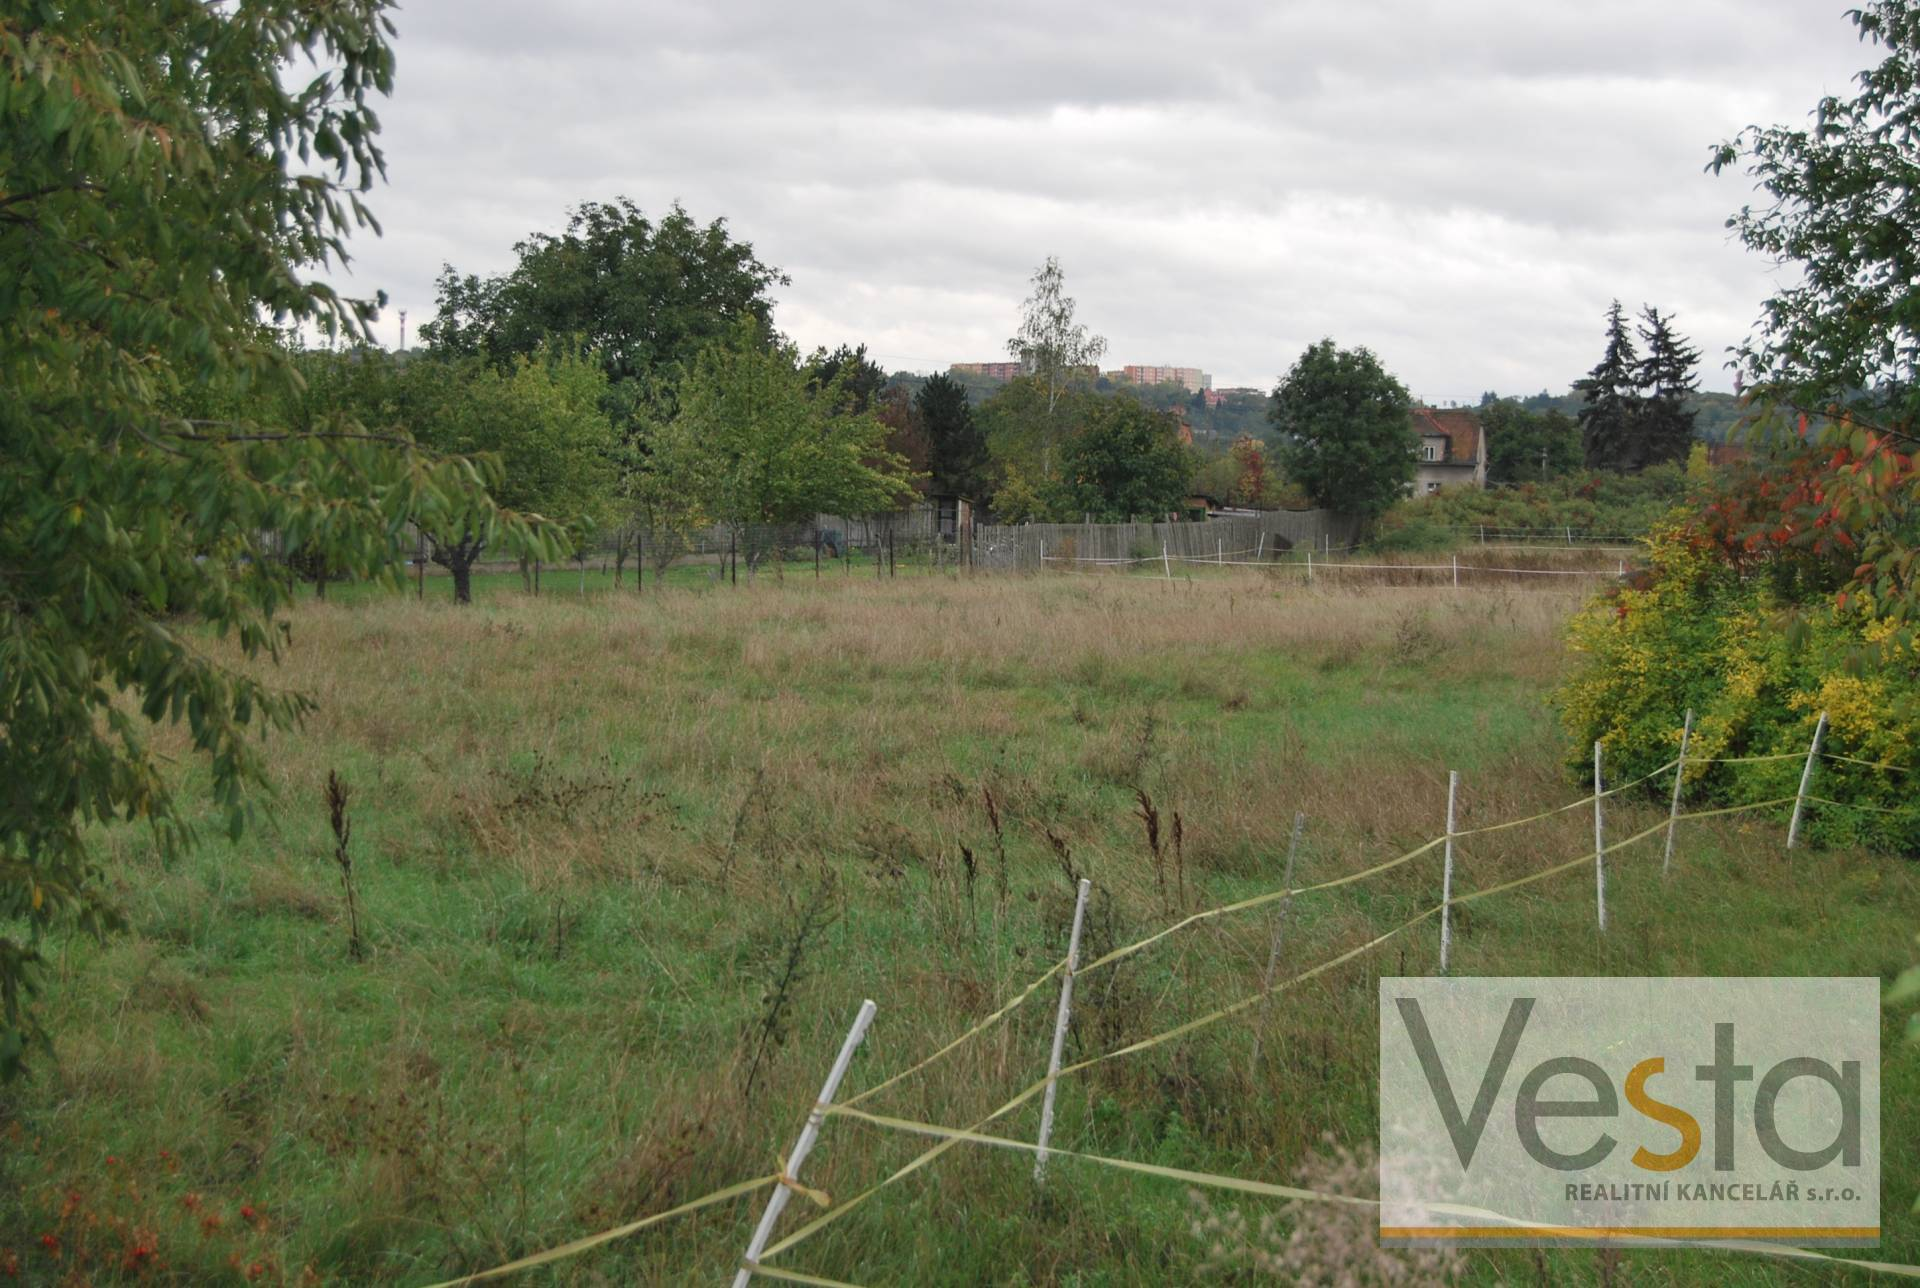 Prodej spoluvlastnického podílu na pozemcích - pastviny na okraji Žatce